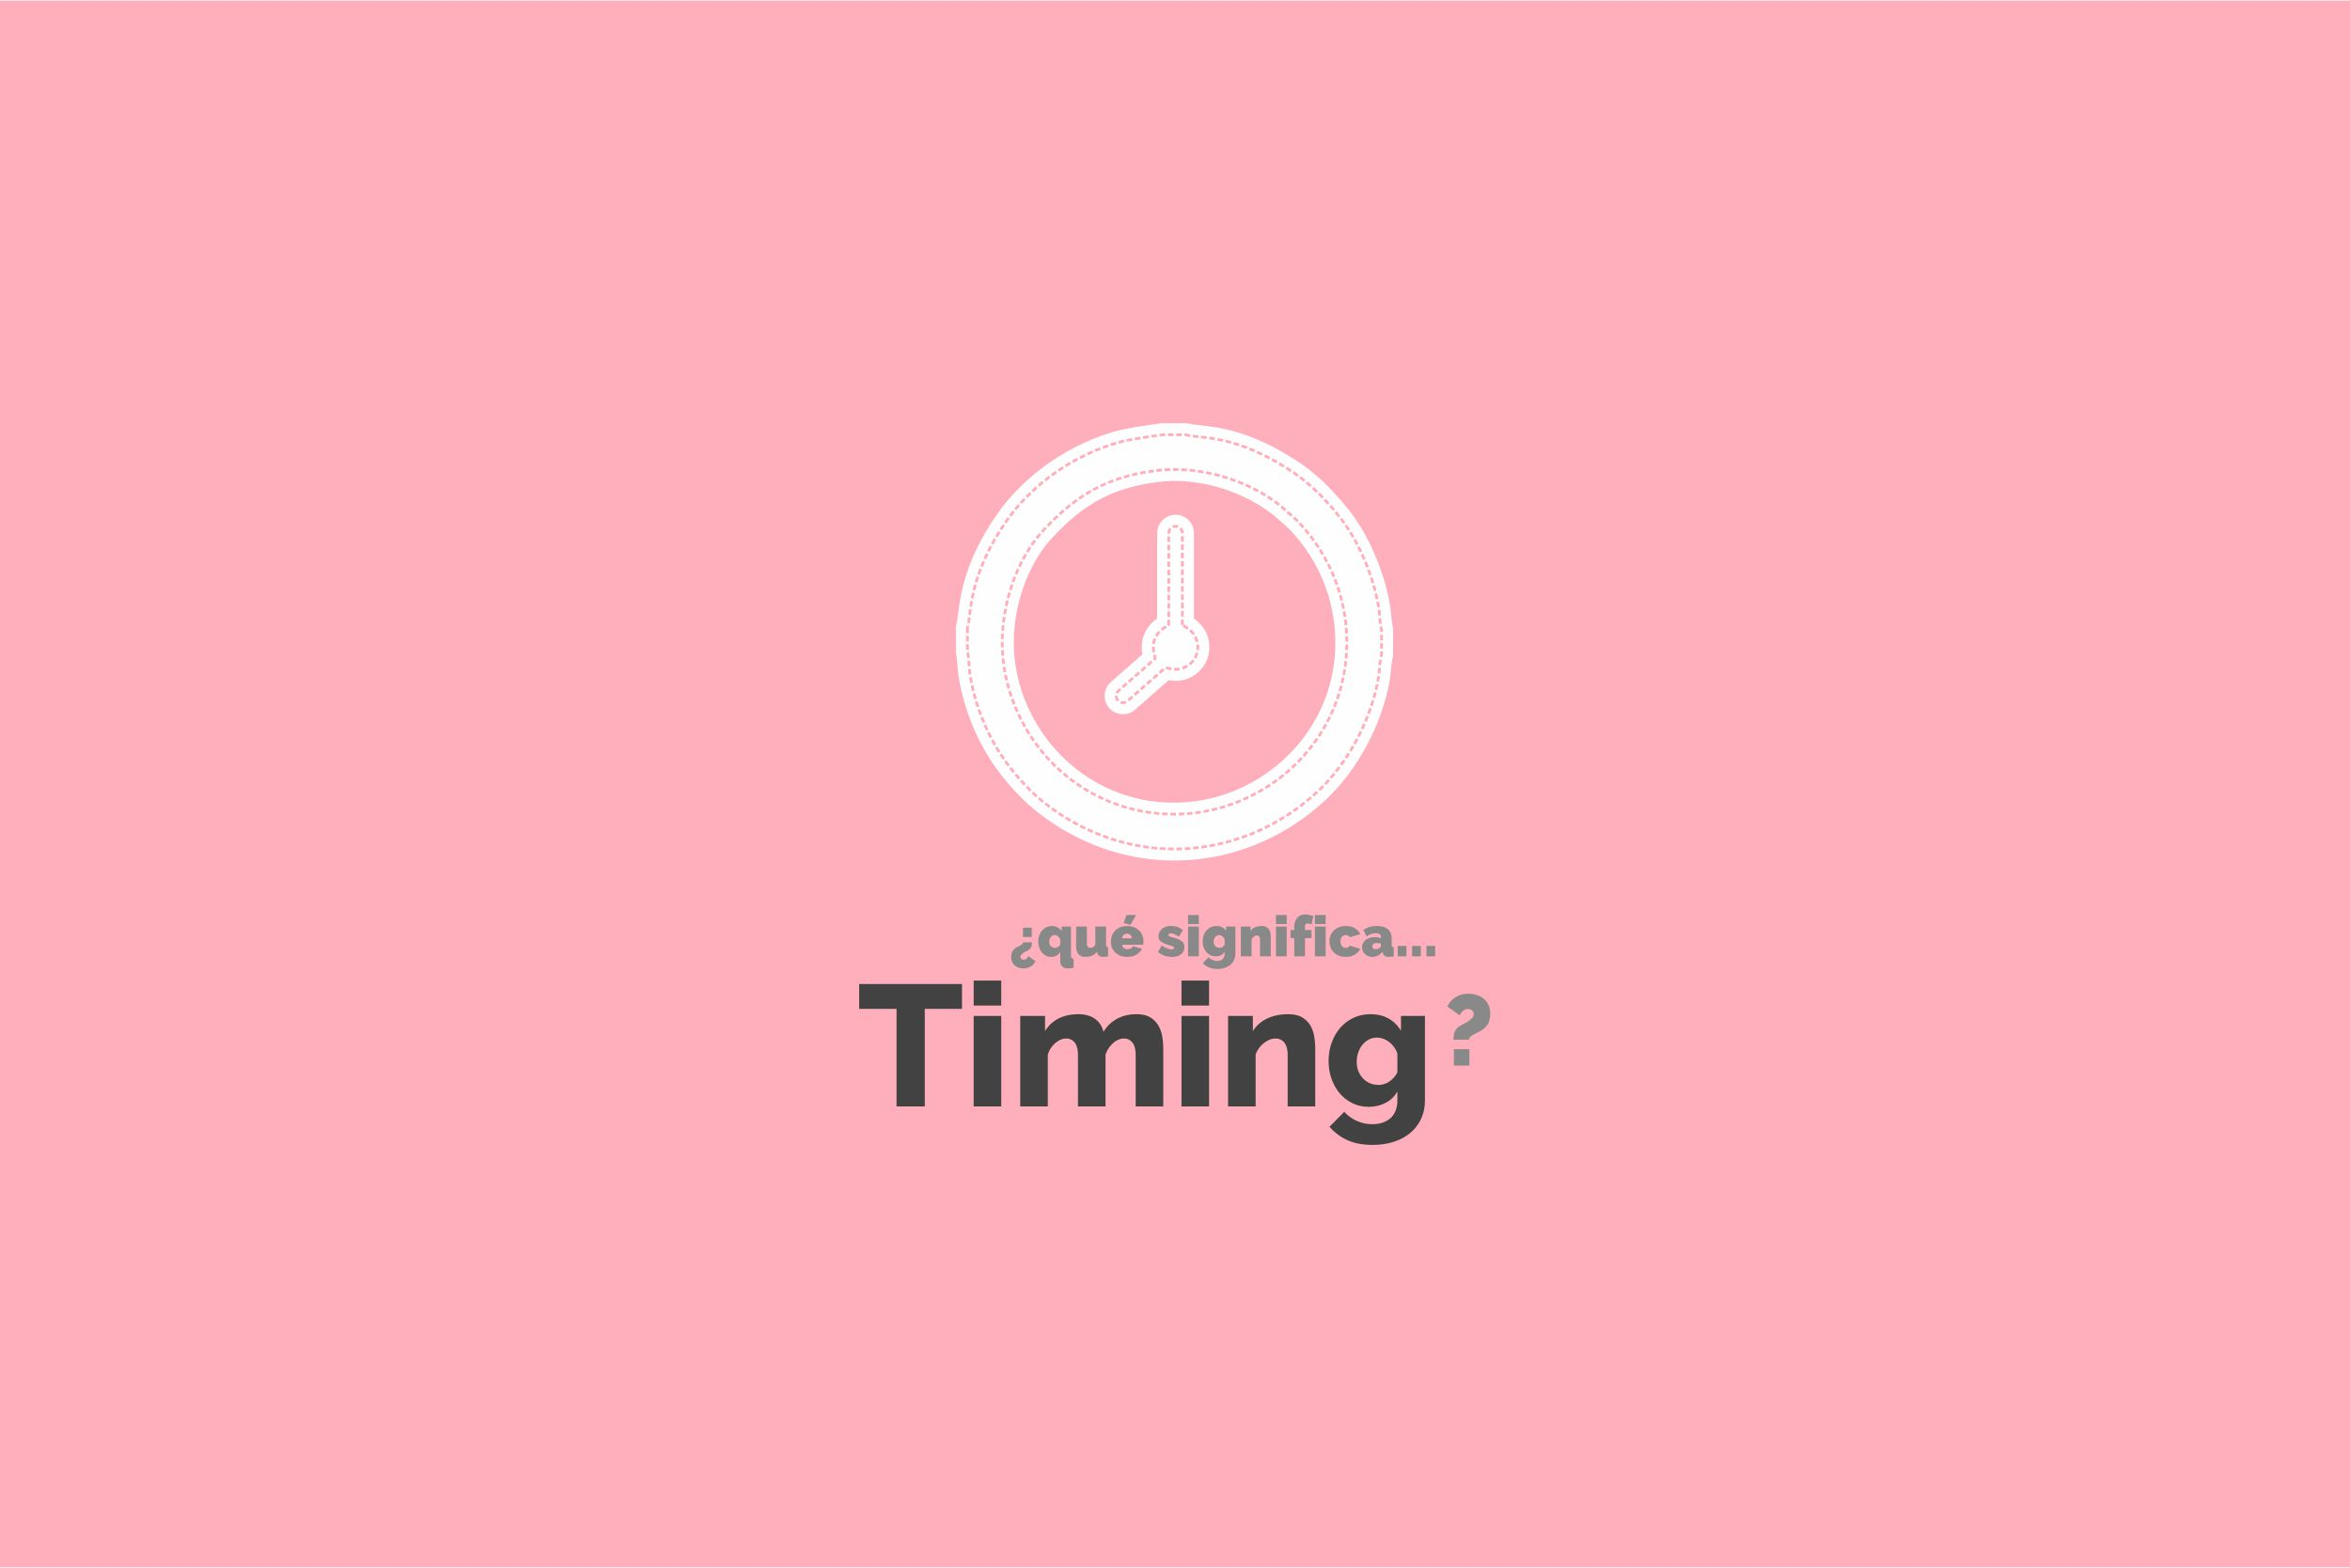 El timing define los tiempos de un proyecto: cuando se muestra el diseño, cuando se revisa y cuando se finaliza...diccionario-online-marketin-diurnay